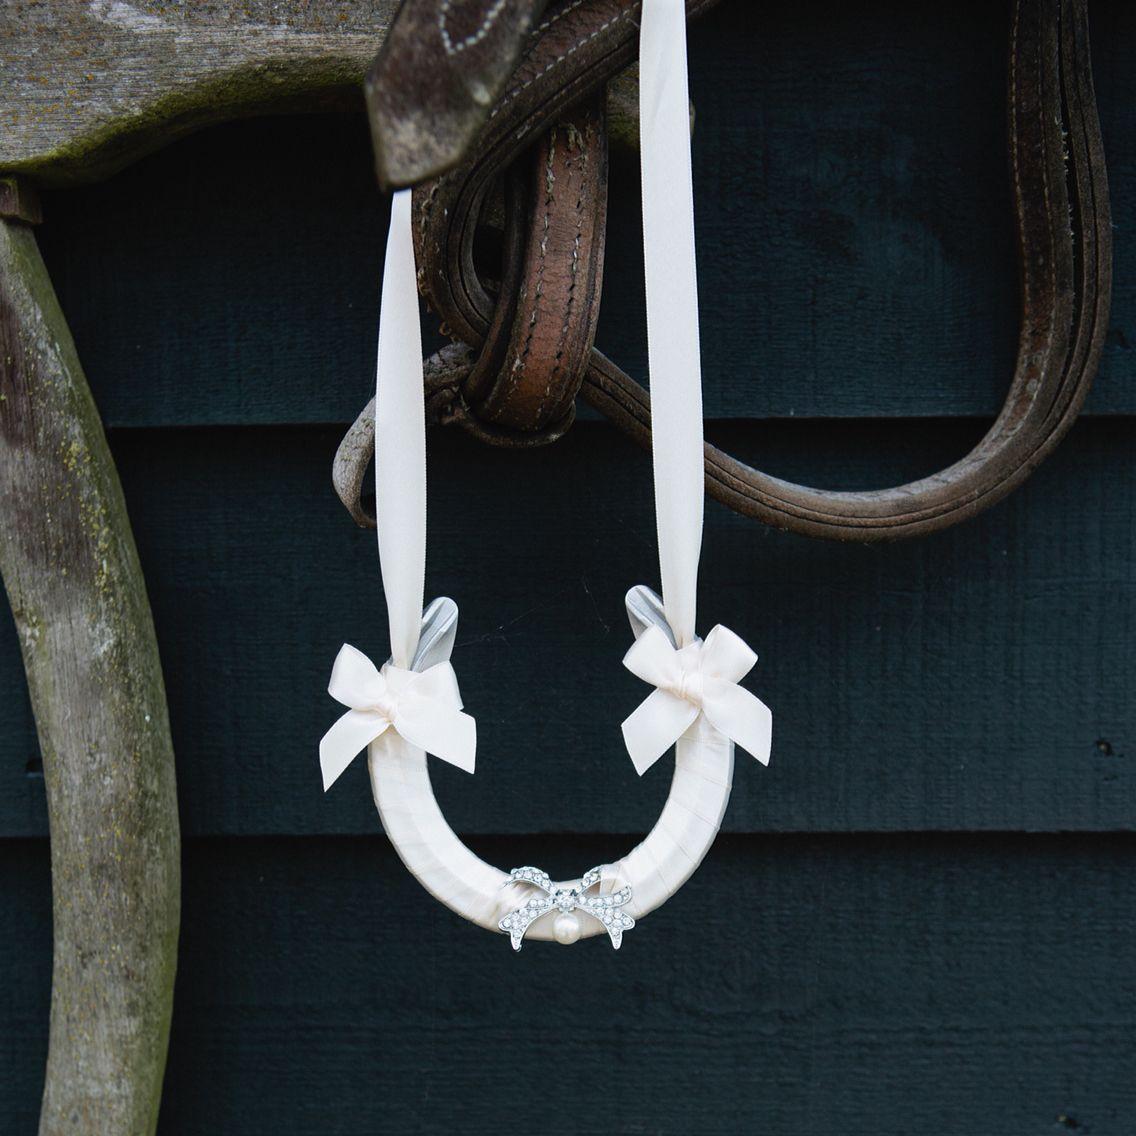 Vintage Bow lucky wedding horseshoe by Atelier Rousseau Bridal